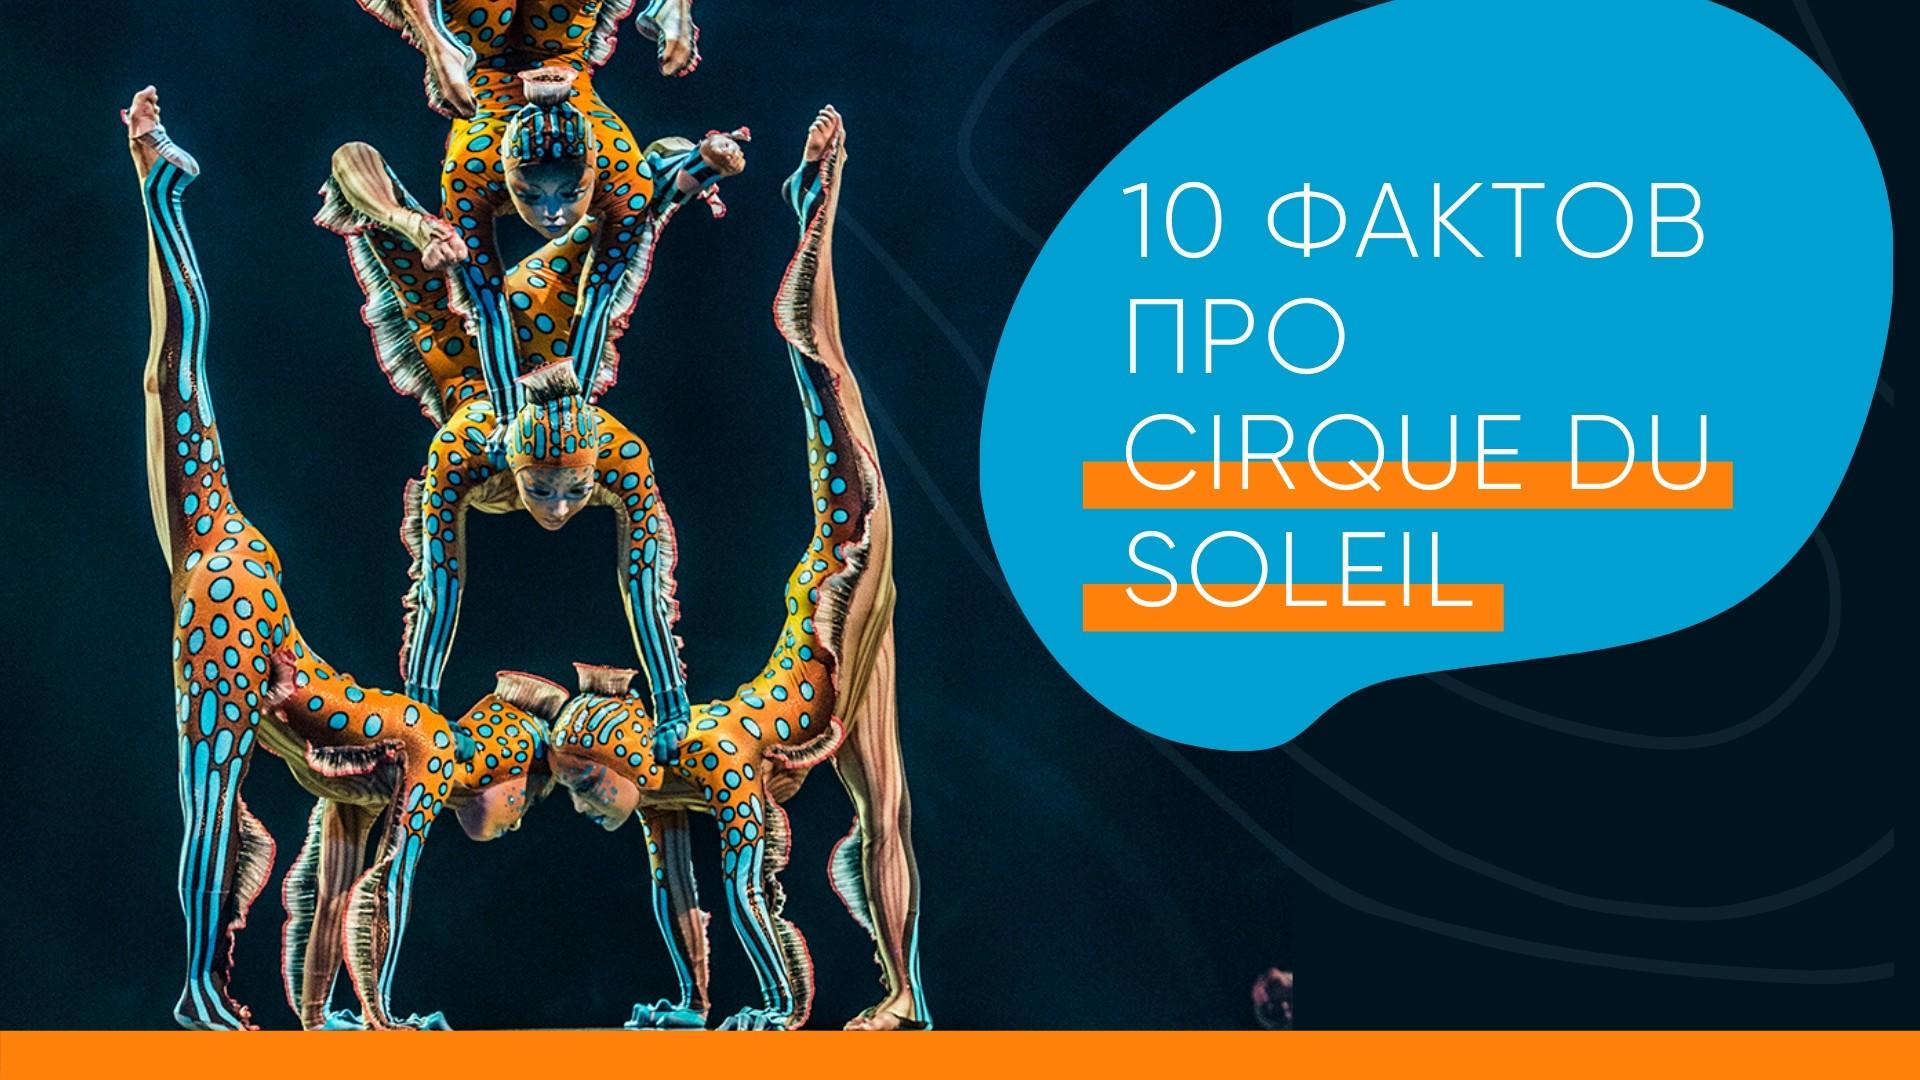 10 фактов про Cirque du Soleil